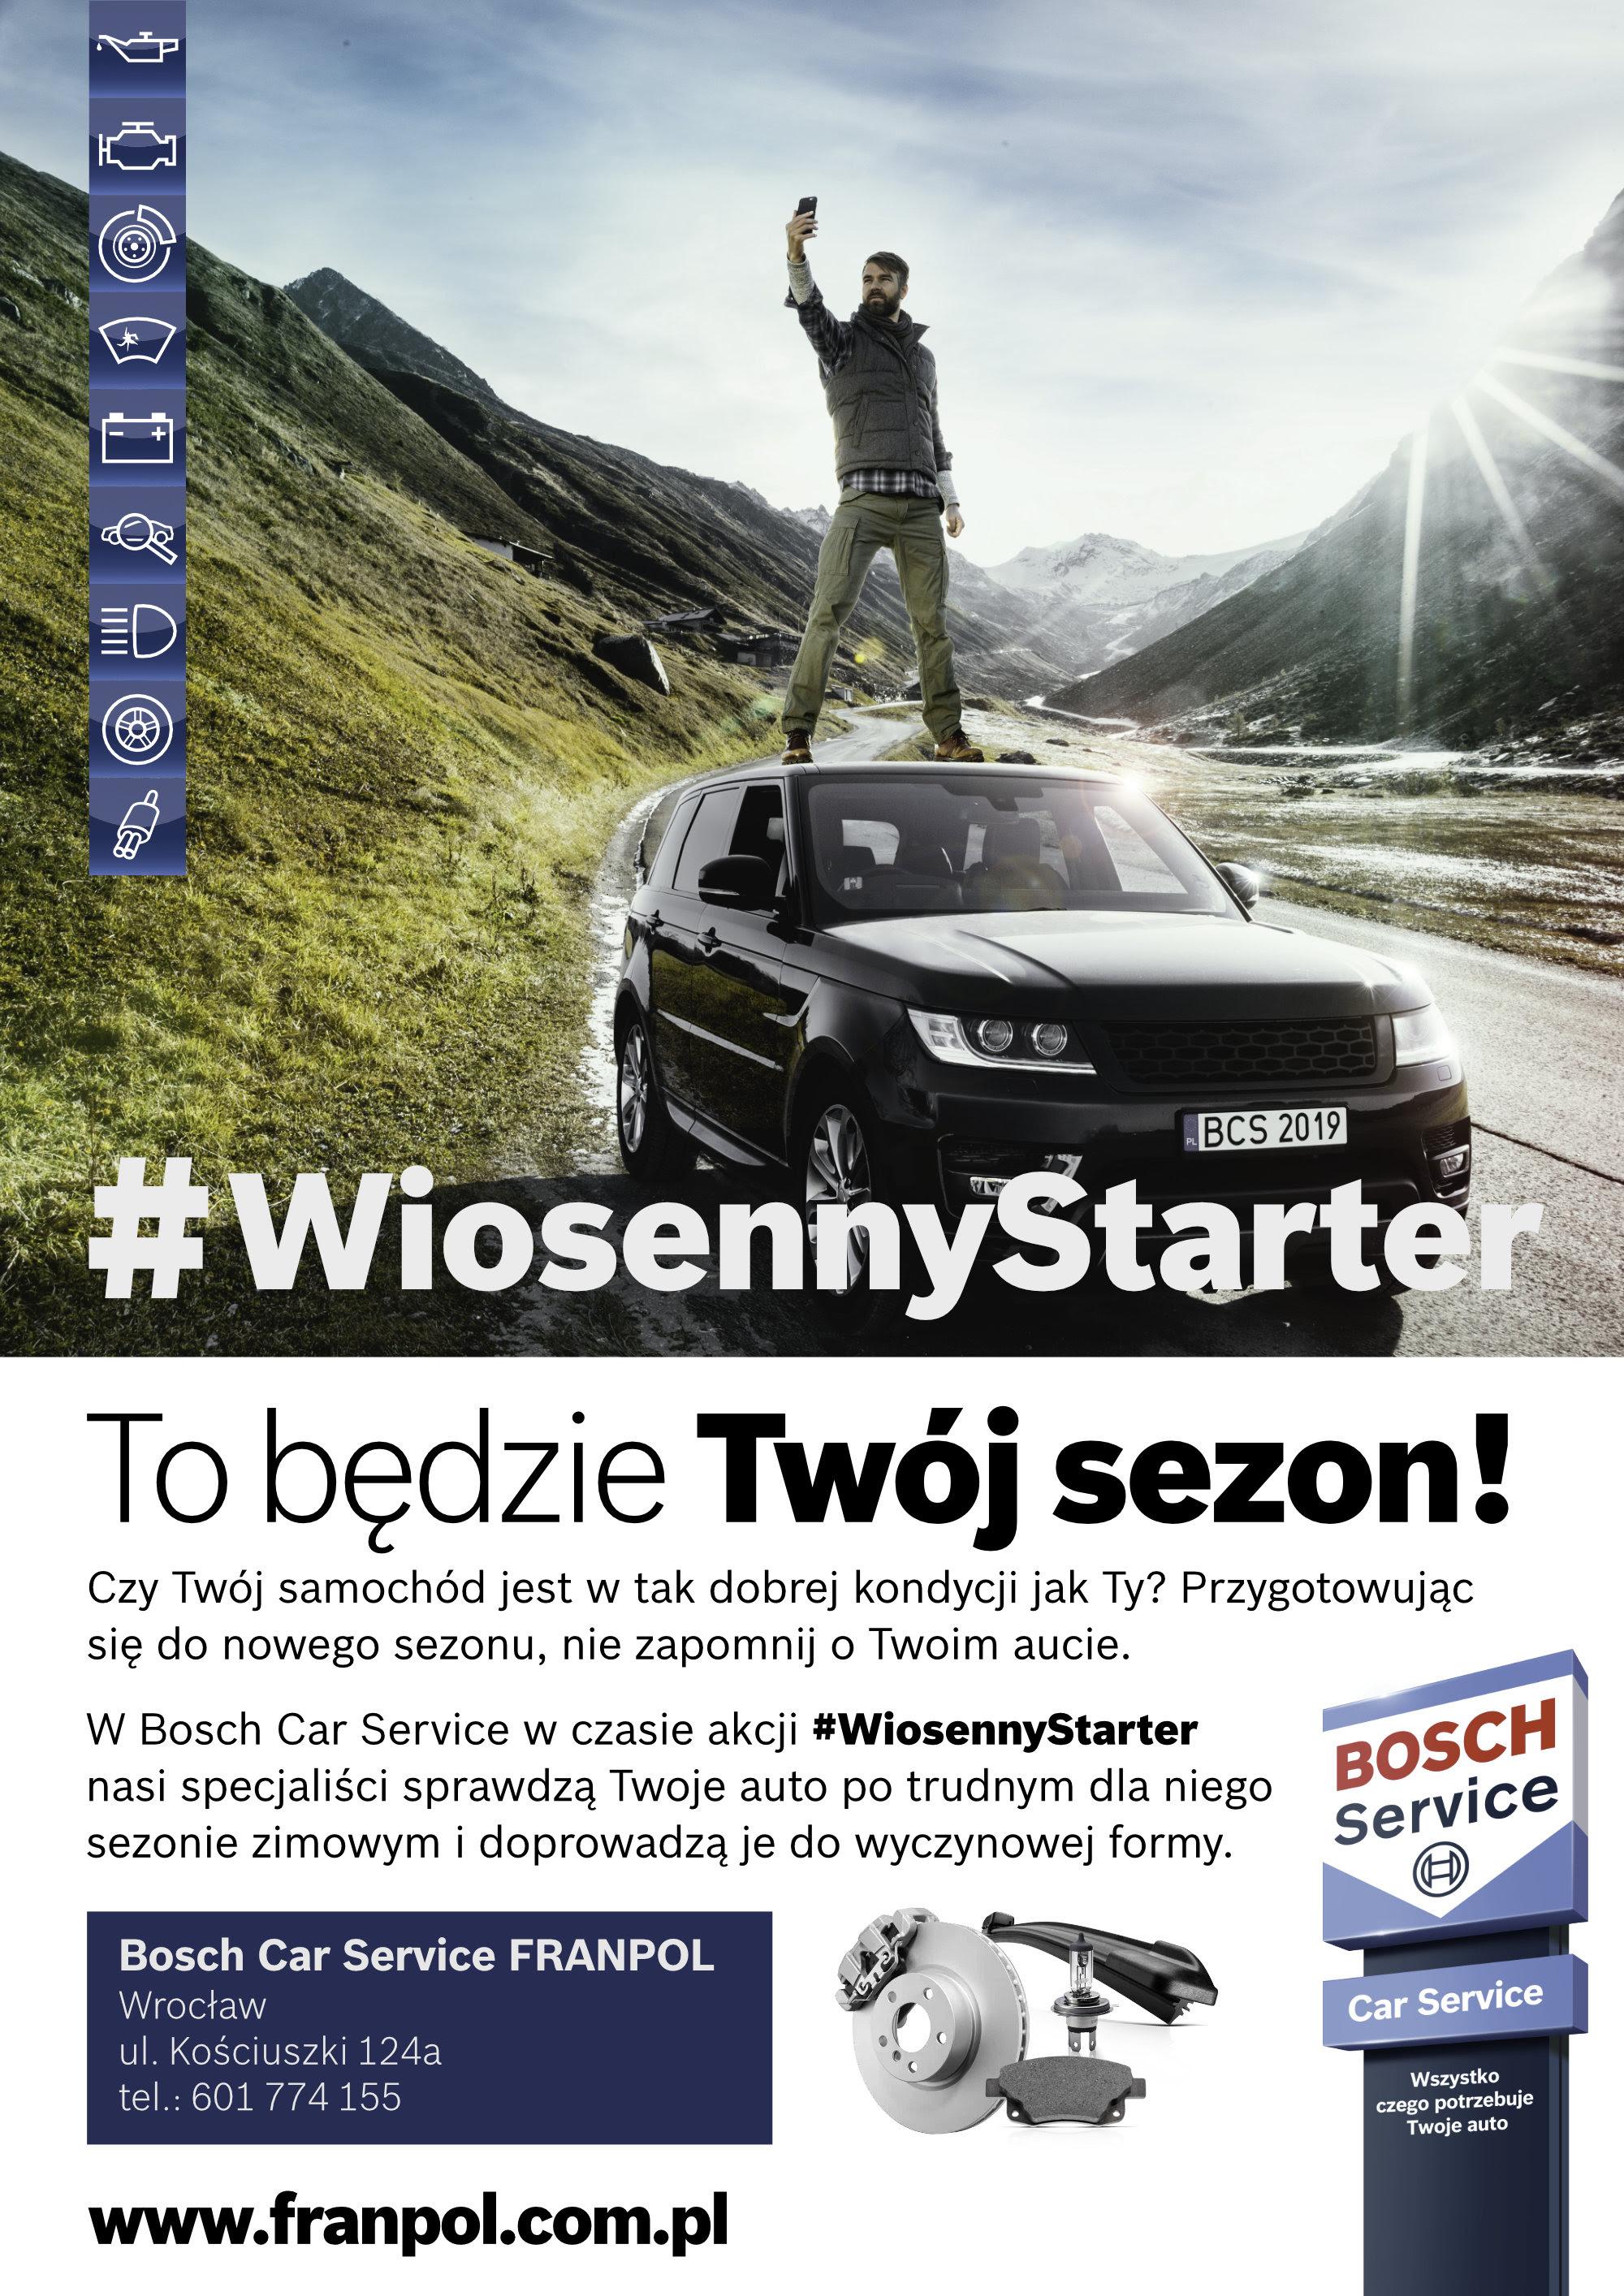 Auto Franpol Warsztat Samochodowy Wrocław Serwis Samochodowy